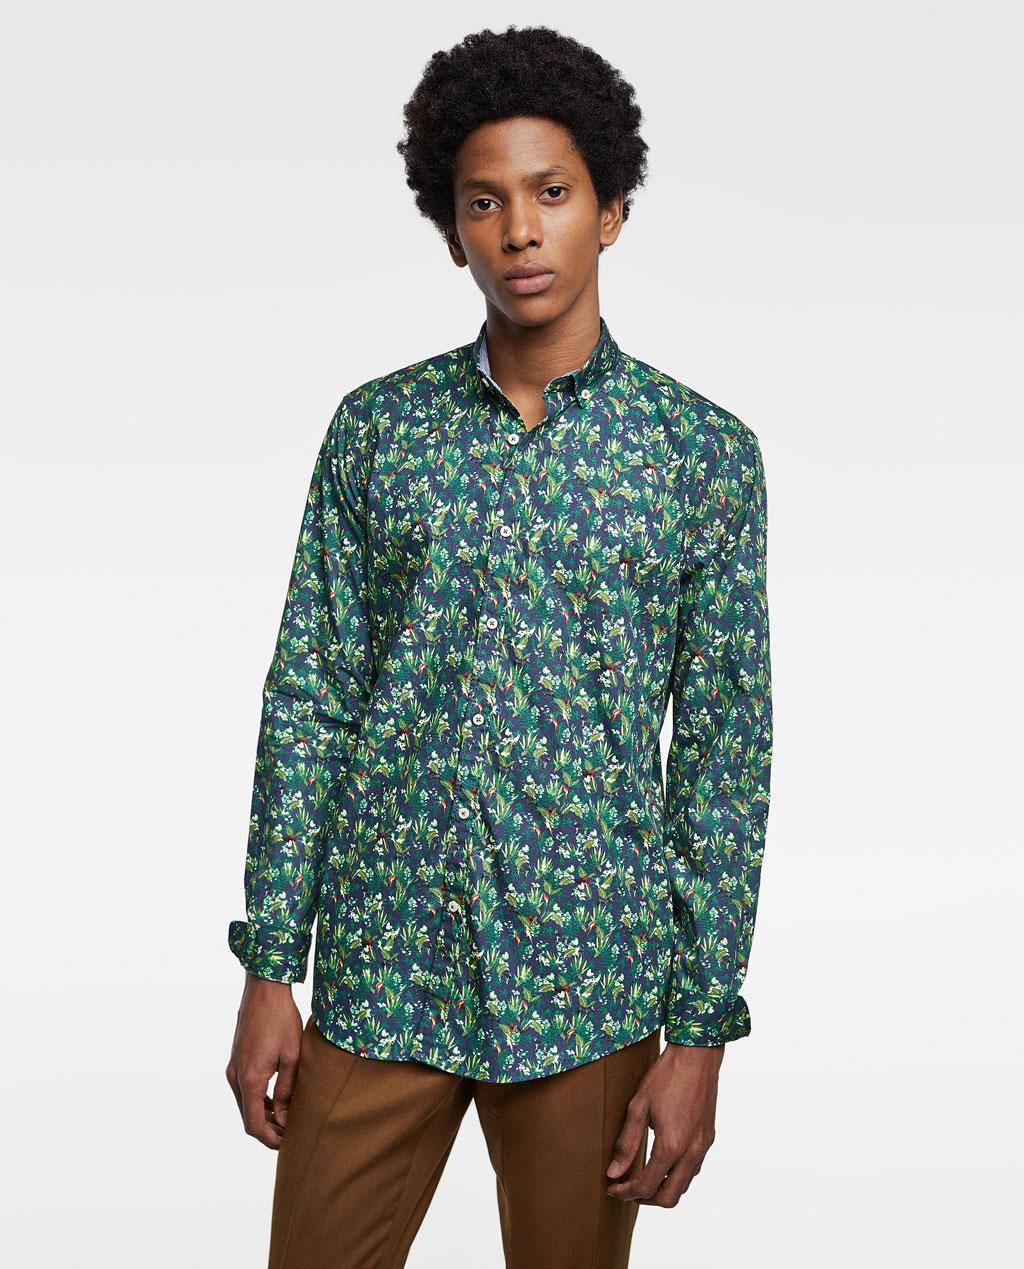 Thời trang nam Zara  24035 - ảnh 4